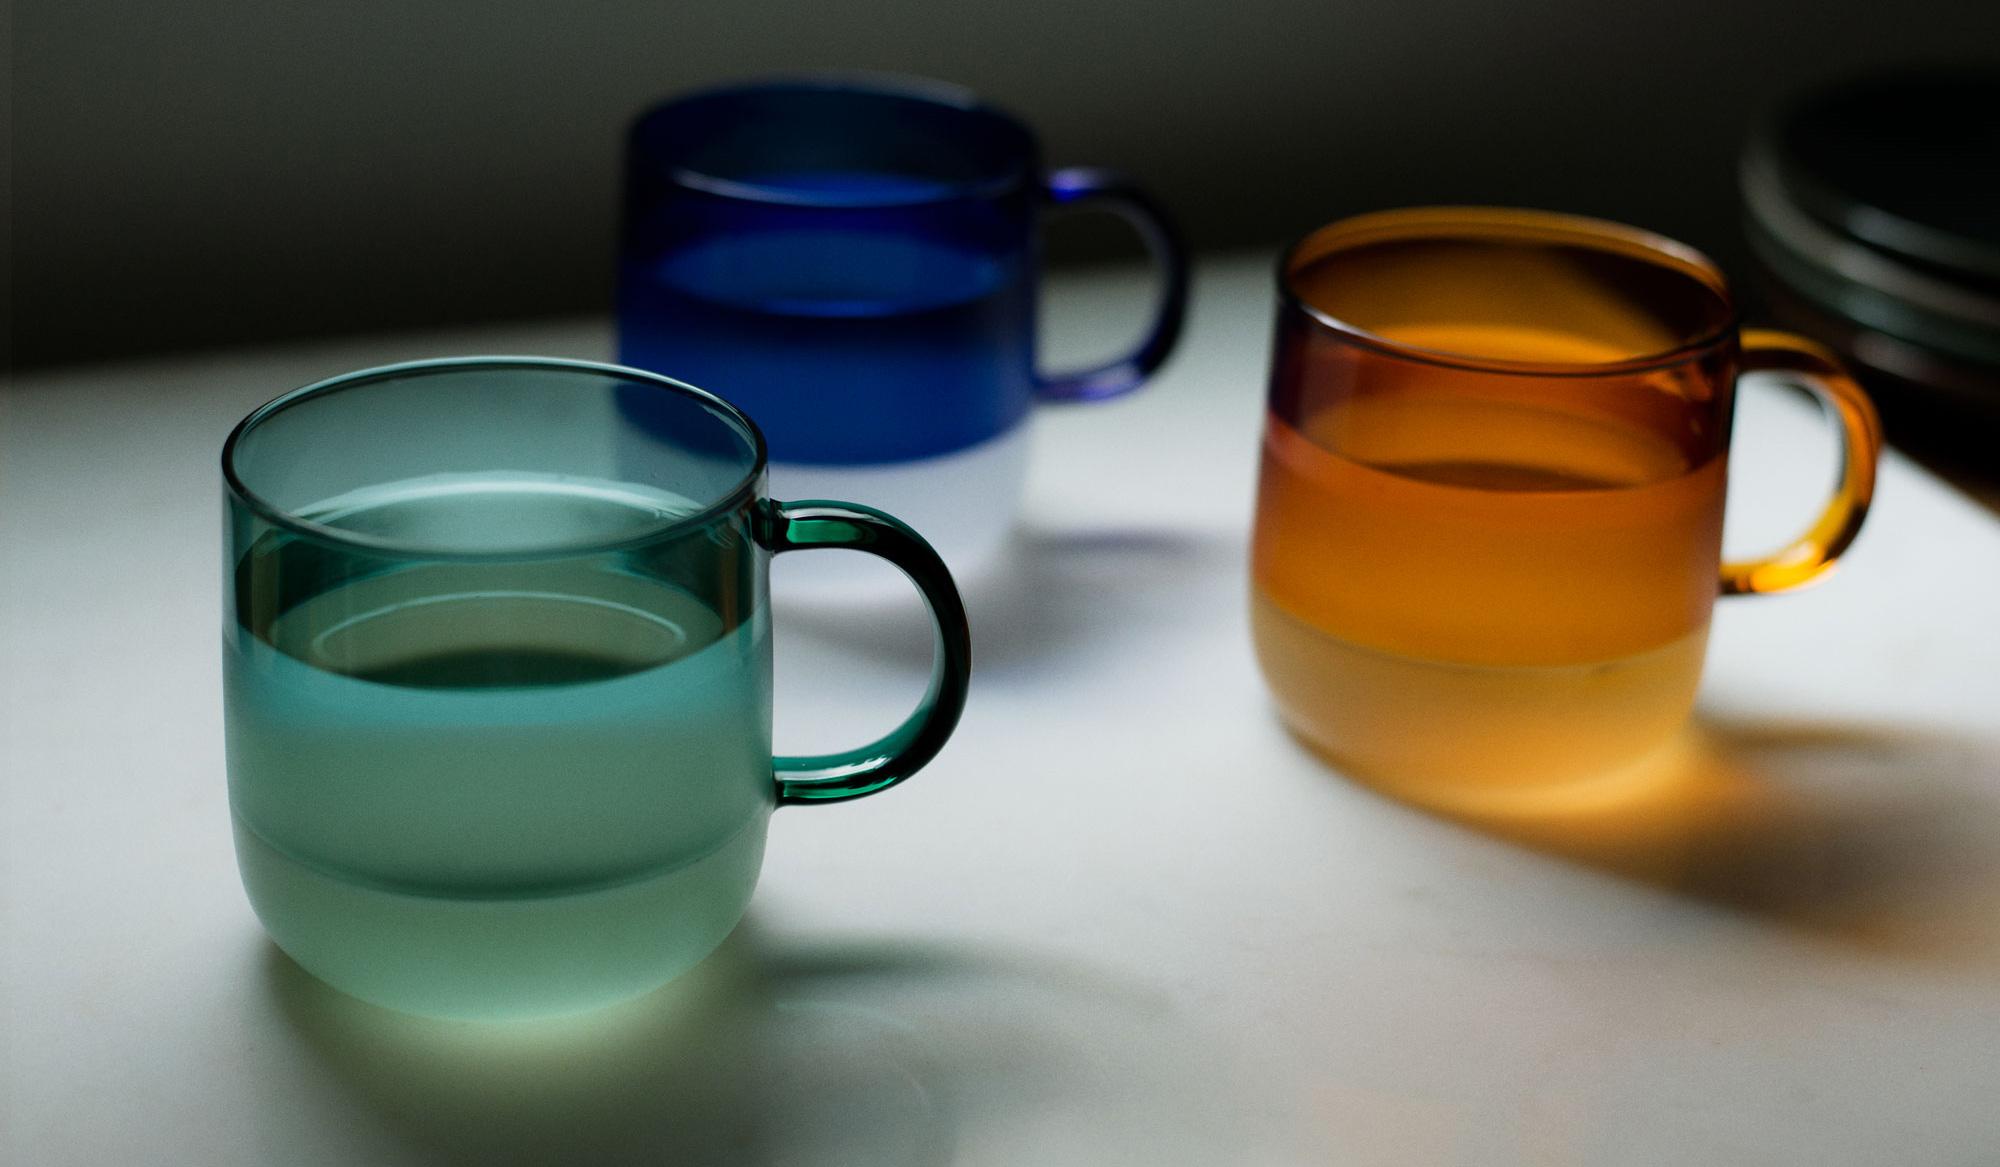 amabro|カラーガラスとミルクガラスの2トーン。飲み物で表情が変化するマグ